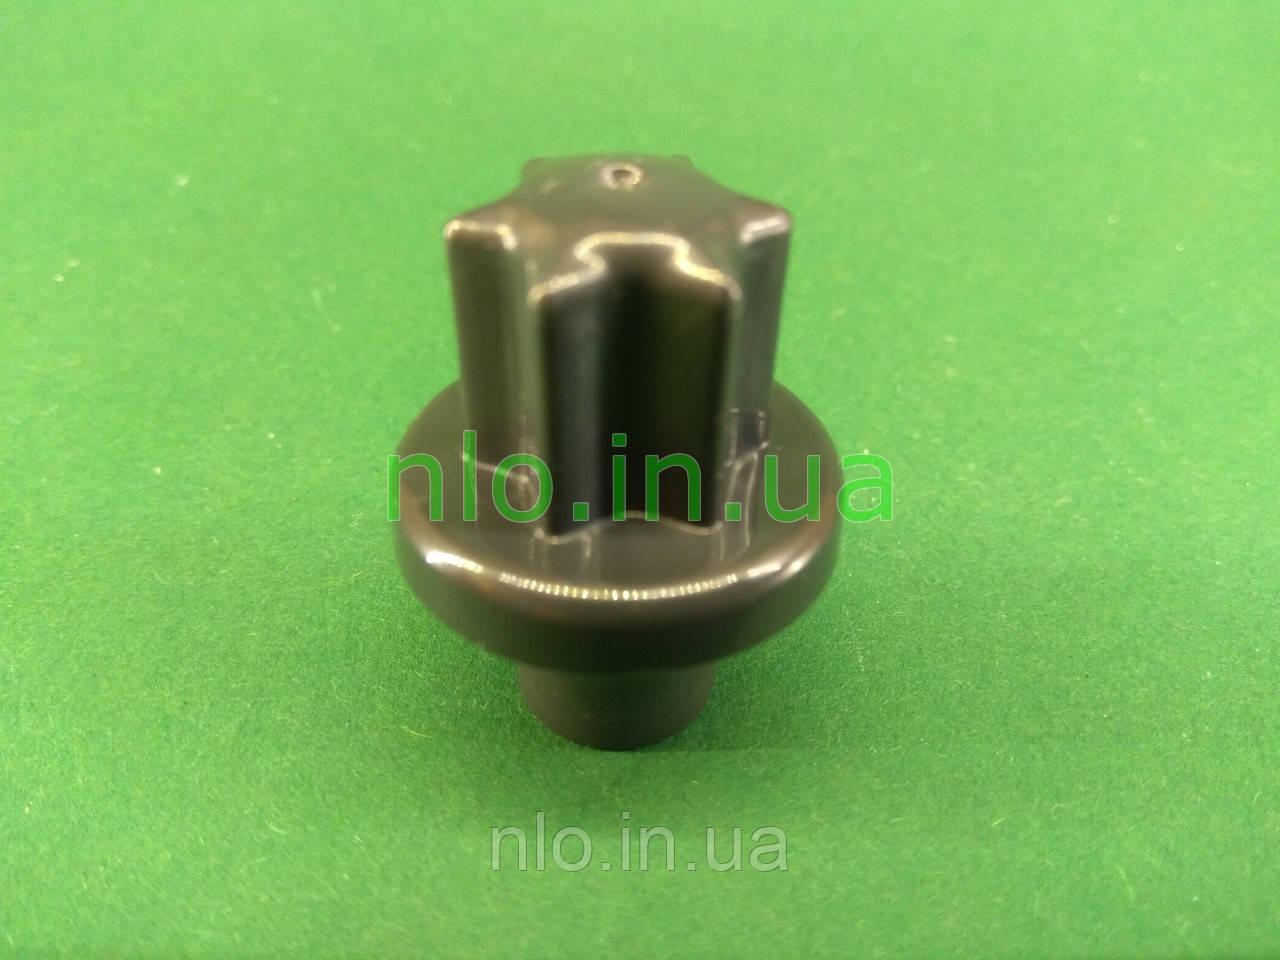 Муфта блендера и миксера Braun (d внутр 9 мм, d наружный 13,5, 26, 17 мм, высота 35 мм)